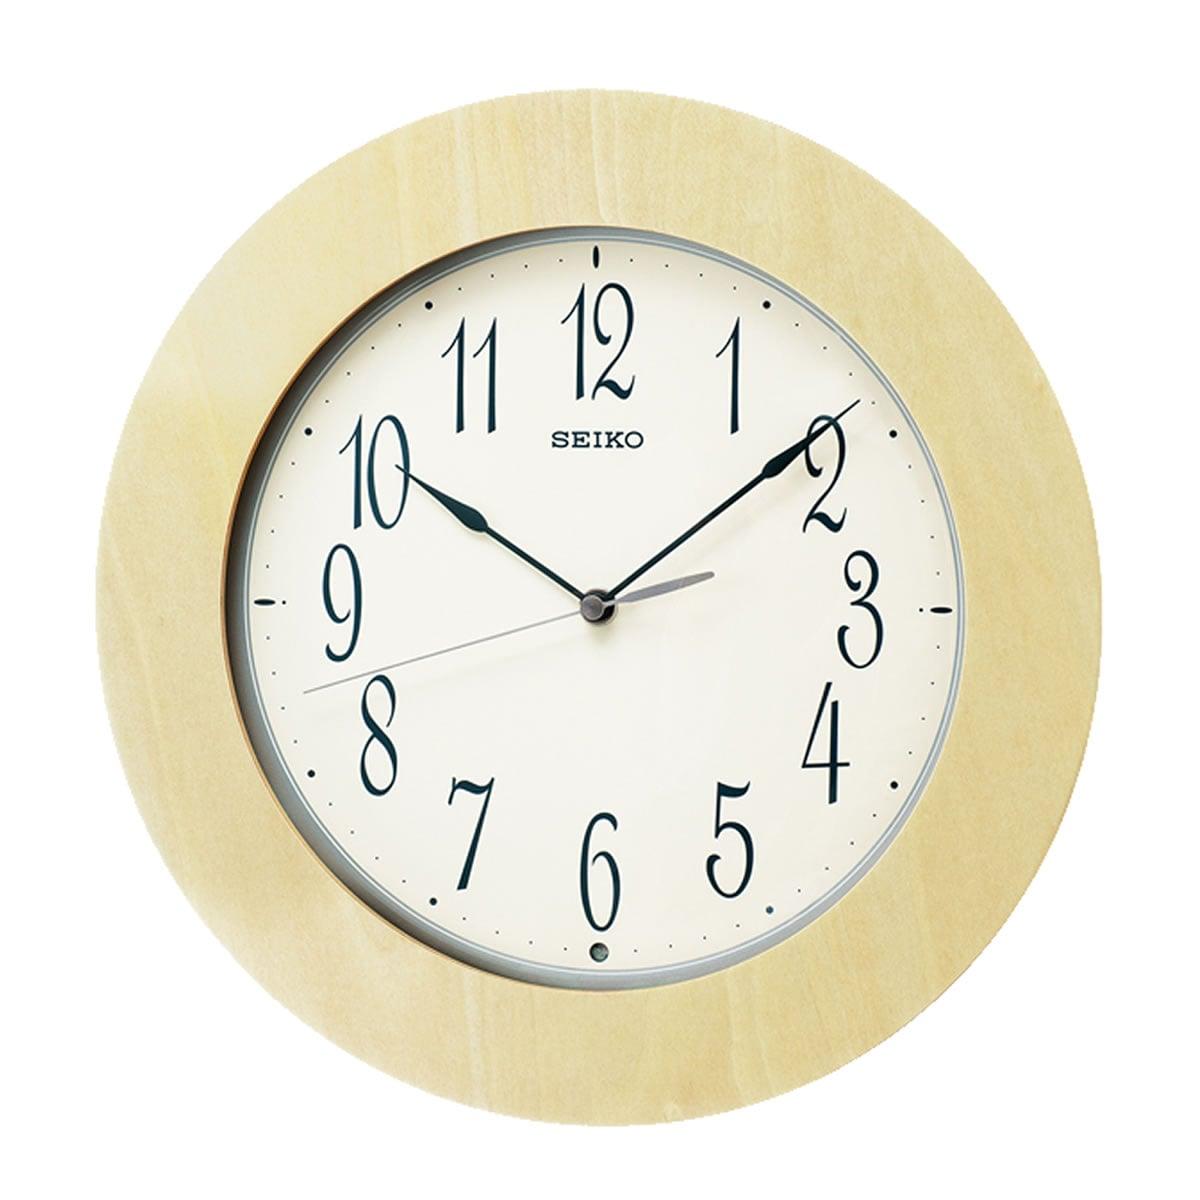 SEIKO(セイコー)スタンダード 木枠 電波掛け時計 KX219A